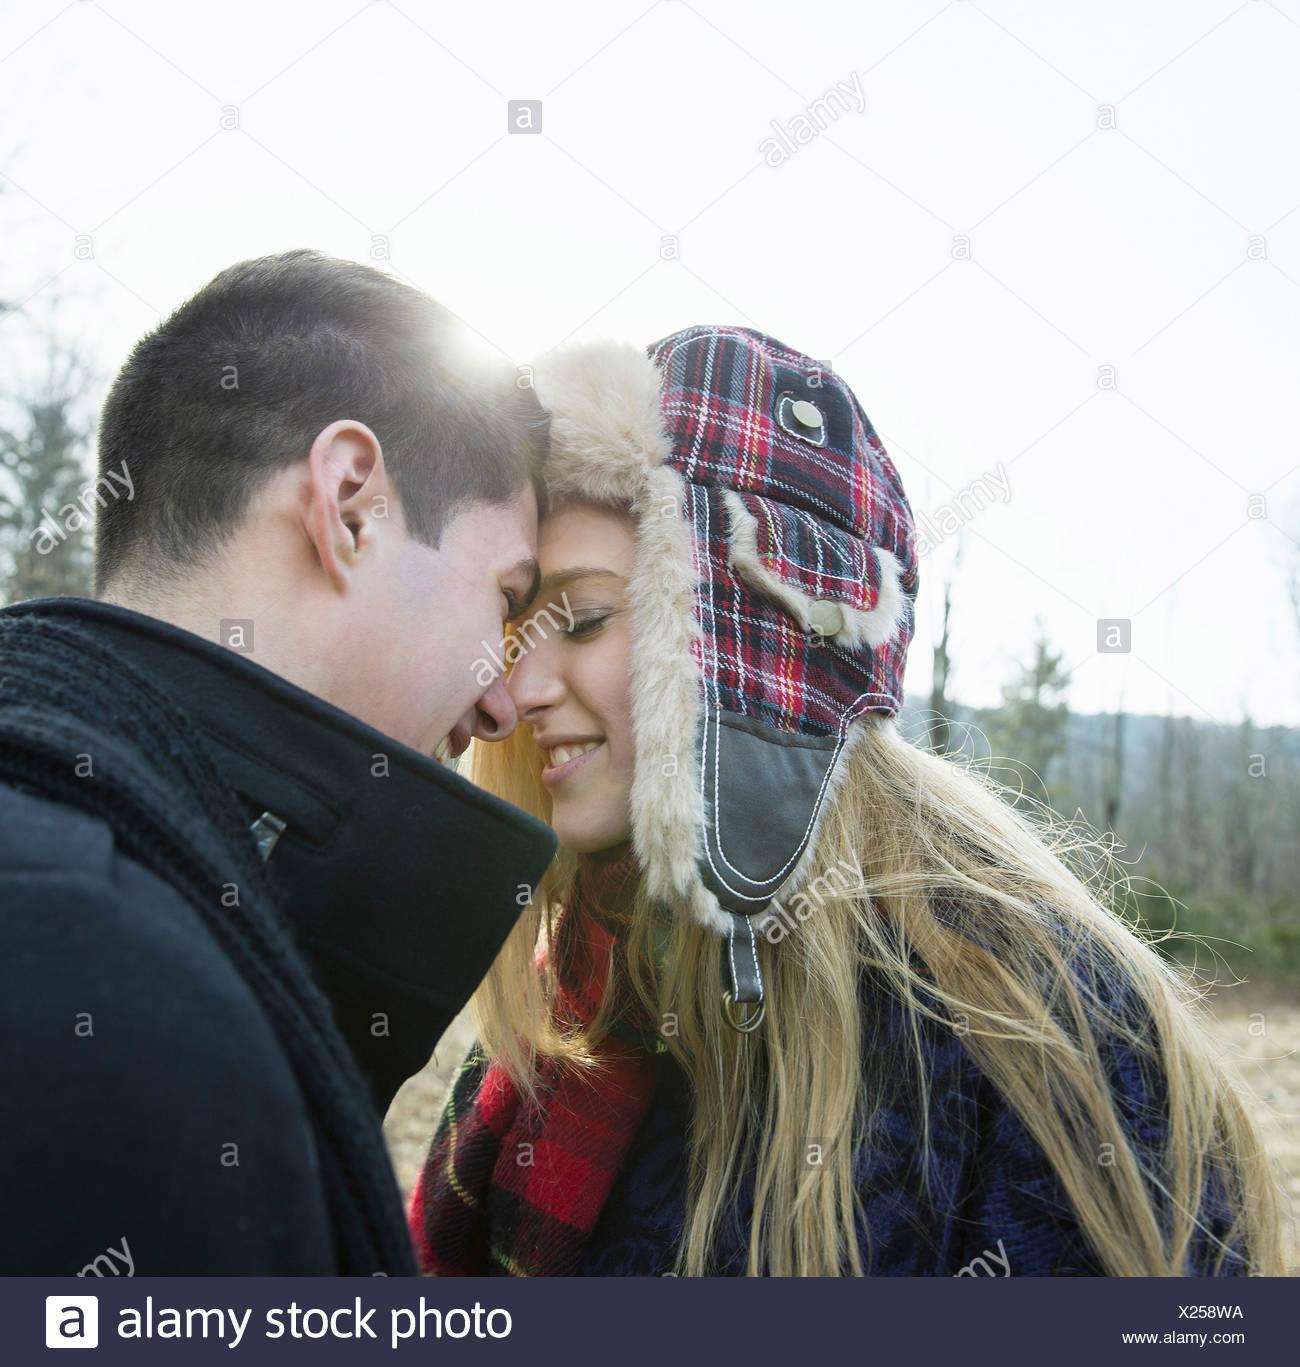 Una coppia giovane uomo e donna faccia a faccia abbracciando all'aperto in una fredda giornata invernale Immagini Stock